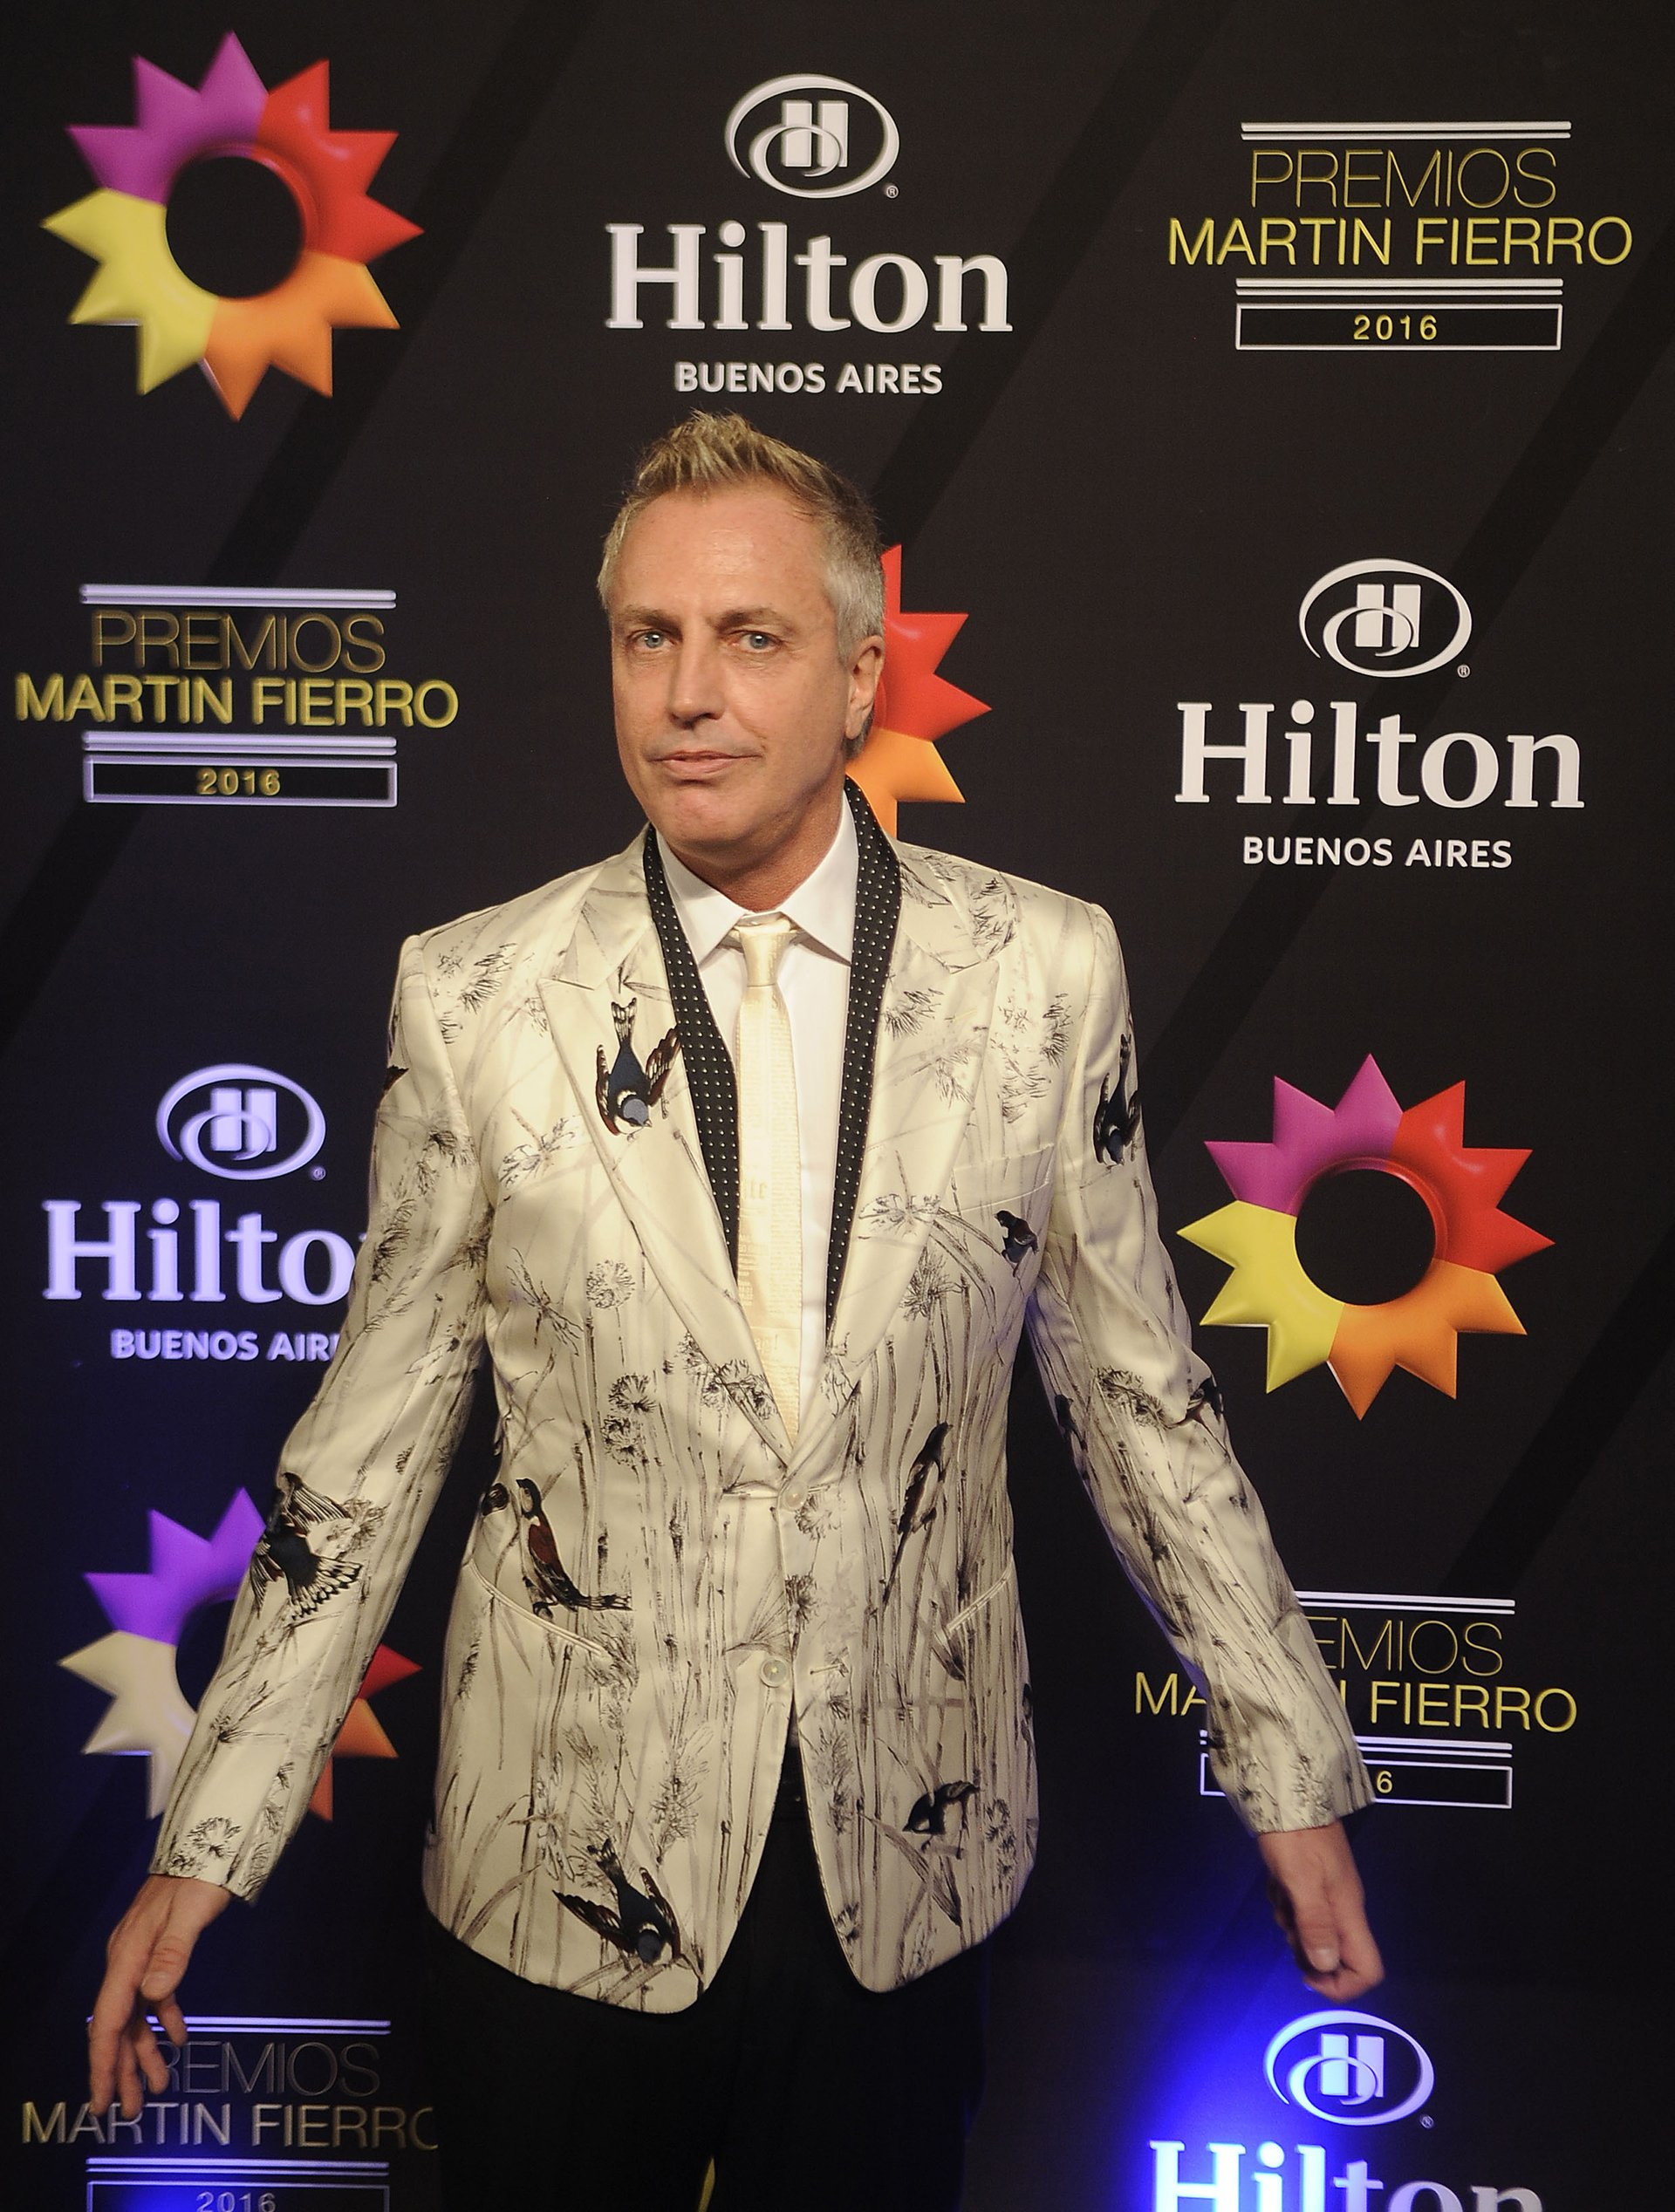 Alejandro Wiebe, Marley, rompió el molde con un osado modelo que no pasó inadvertido para los asistentes a la noche de los Martín Fierro.